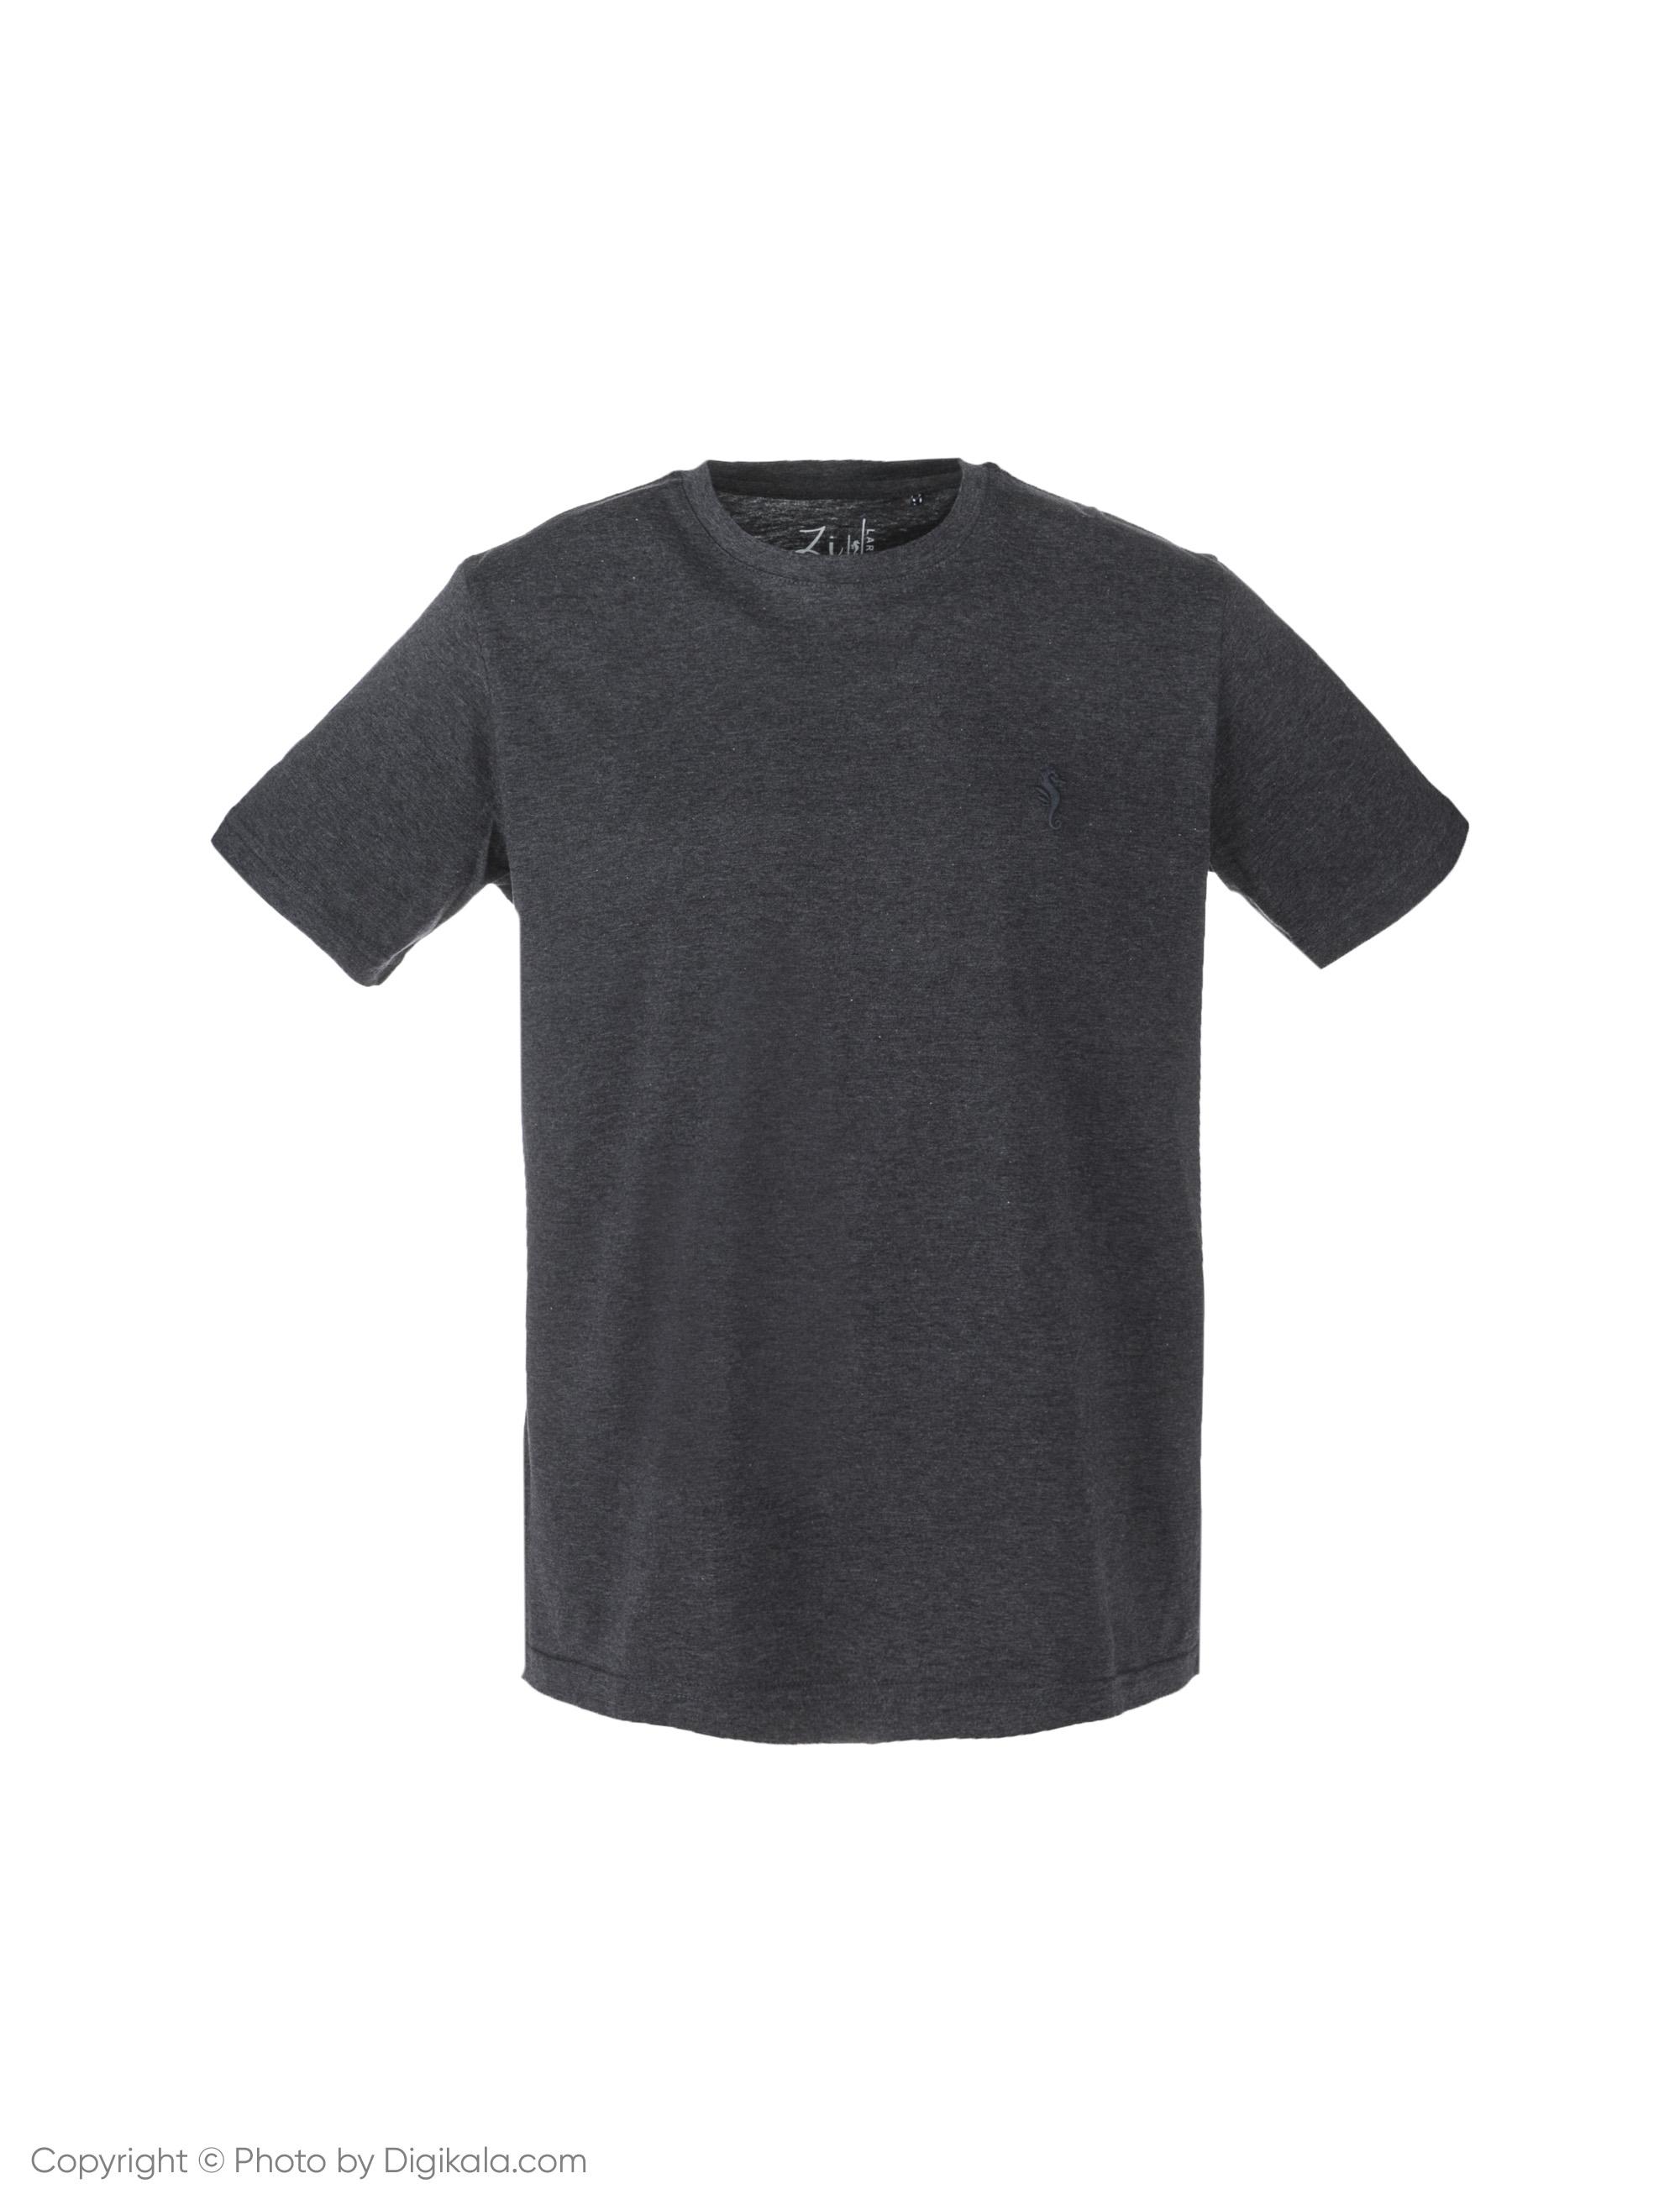 تی شرت مردانه زی مدل 153113179